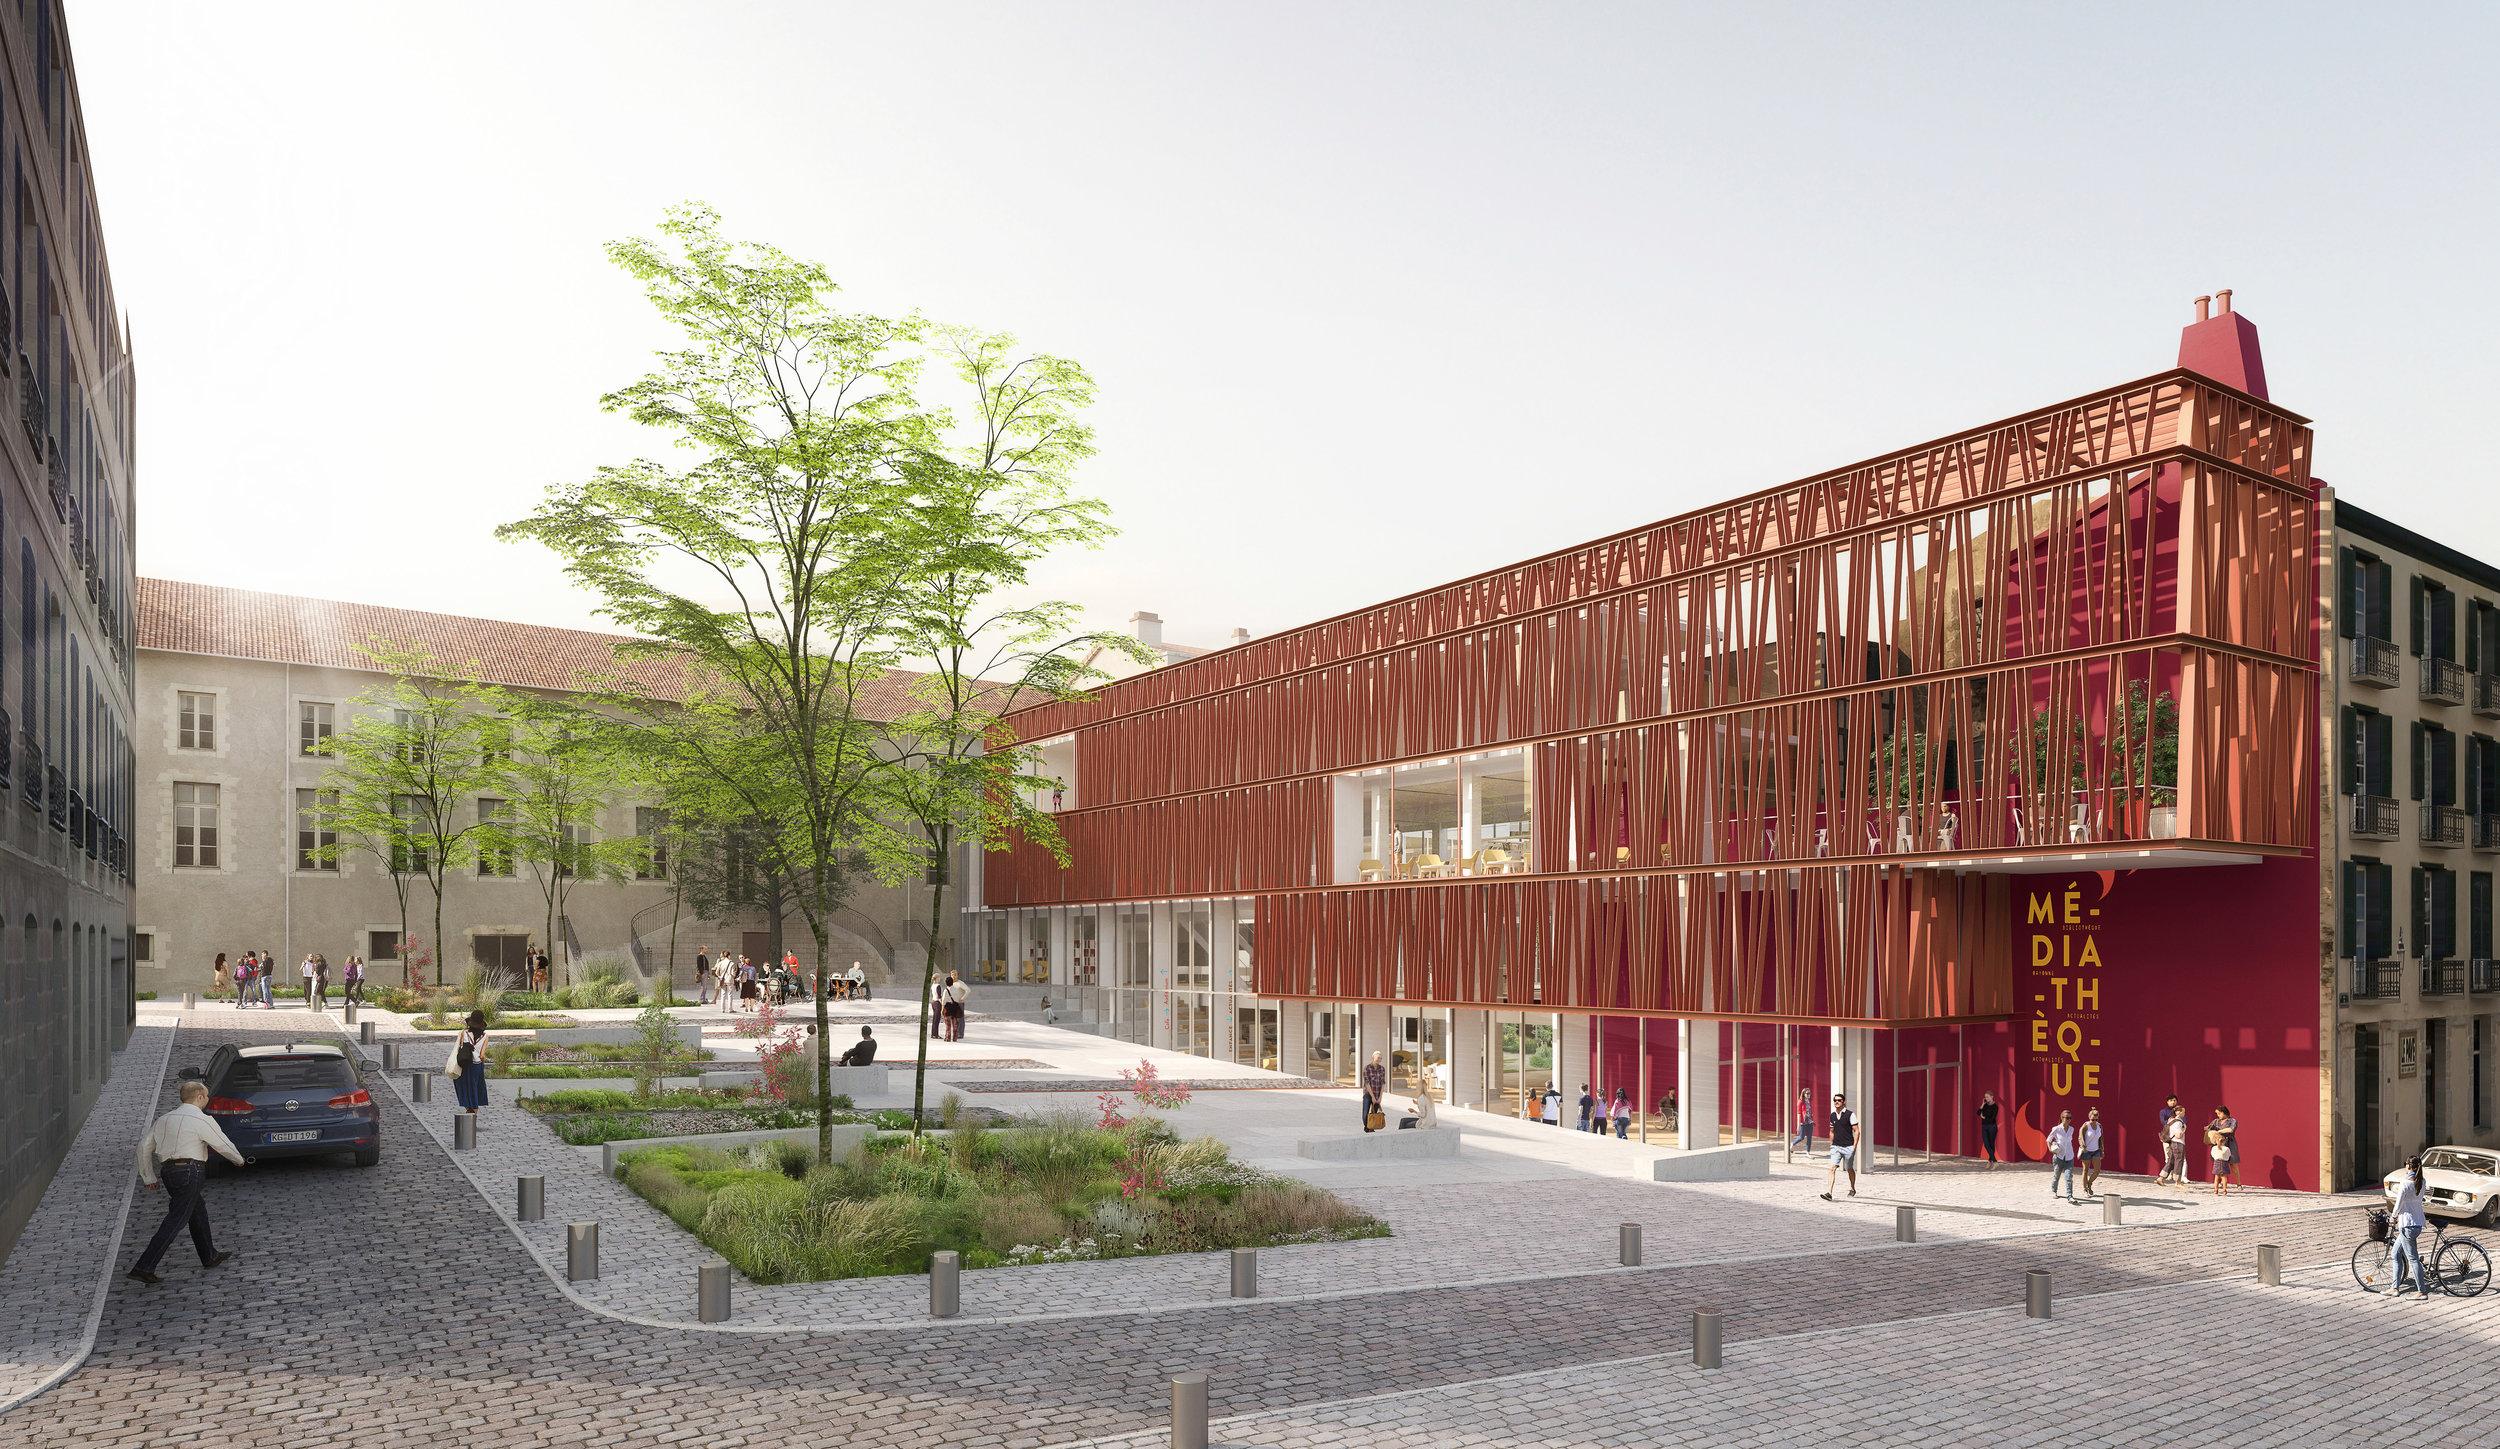 Extension Médiathèque & Square Cathédrale / Bayonne (64)   Le projet d'extension de la médiathèque de Bayonne comprend le nouvel aménagement du square Chanoine Dubarat devant la cathédrale et plusieurs espaces végétalisés à l'intérieur de la médiathèque.